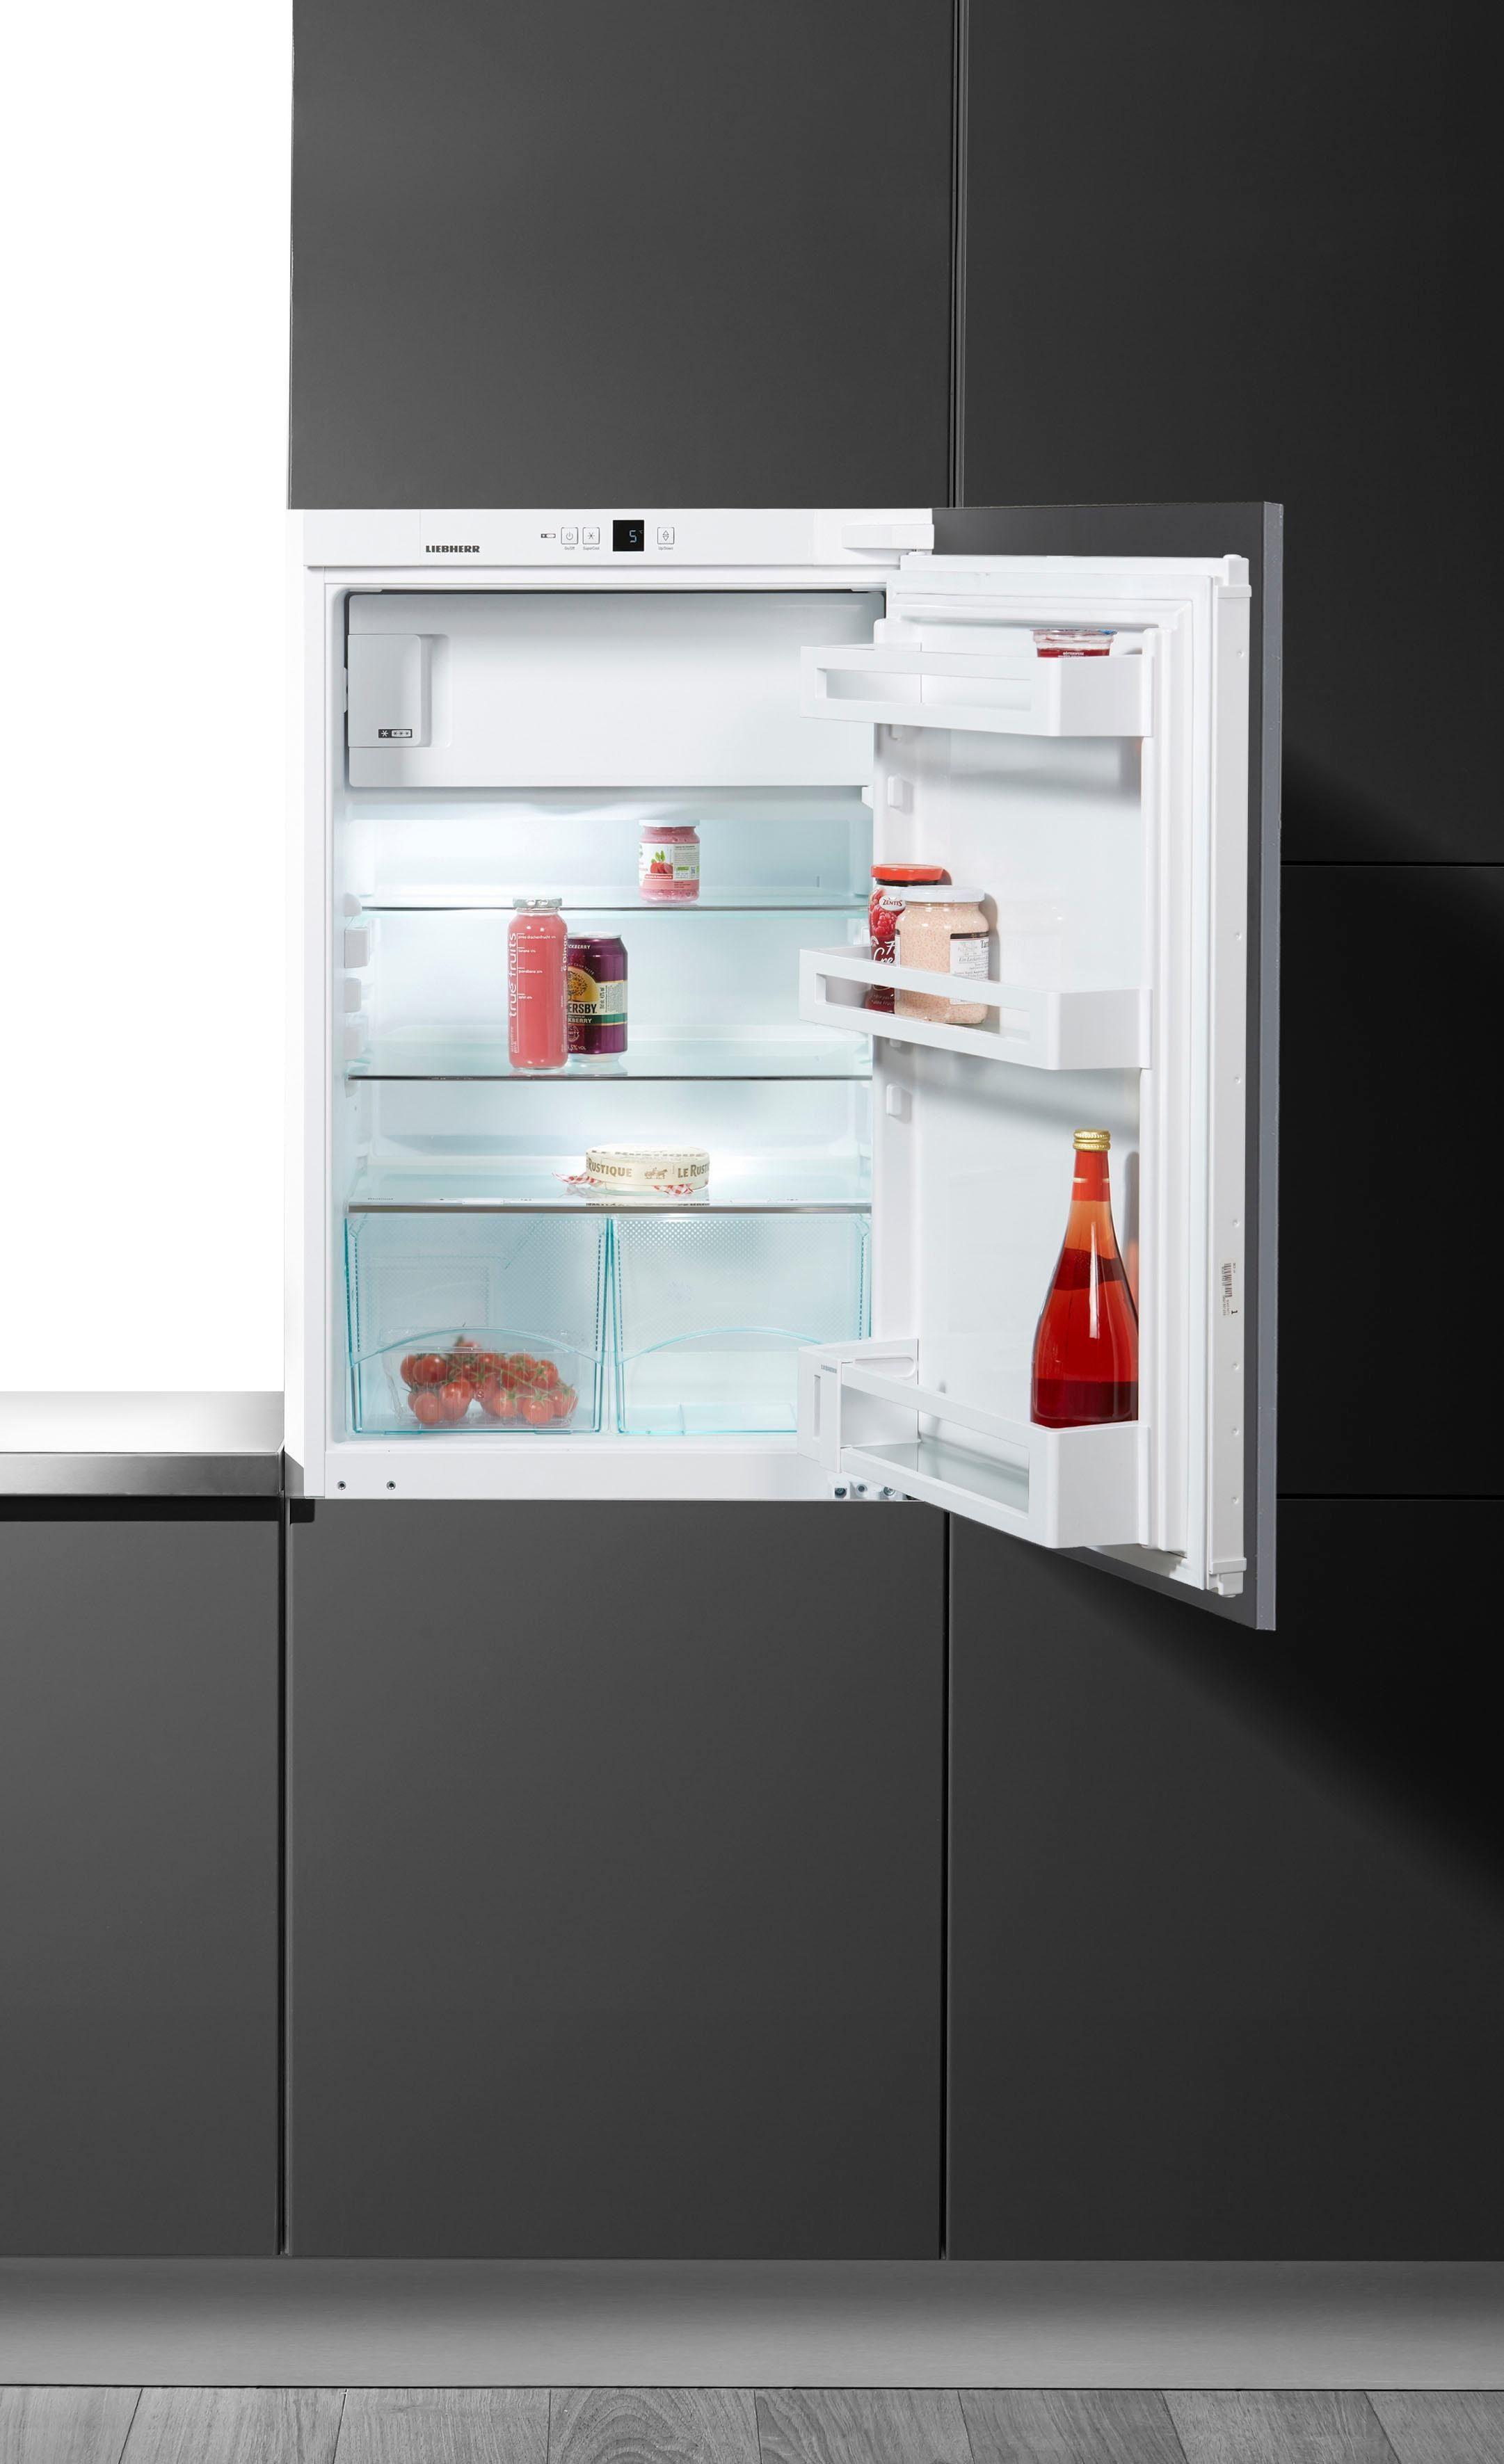 Liebherr Einbaukühlschrank IKS 1624, 87,2 cm hoch, 55,9 cm breit, Energieklasse A++, 87,2 cm hoch, integrierbar